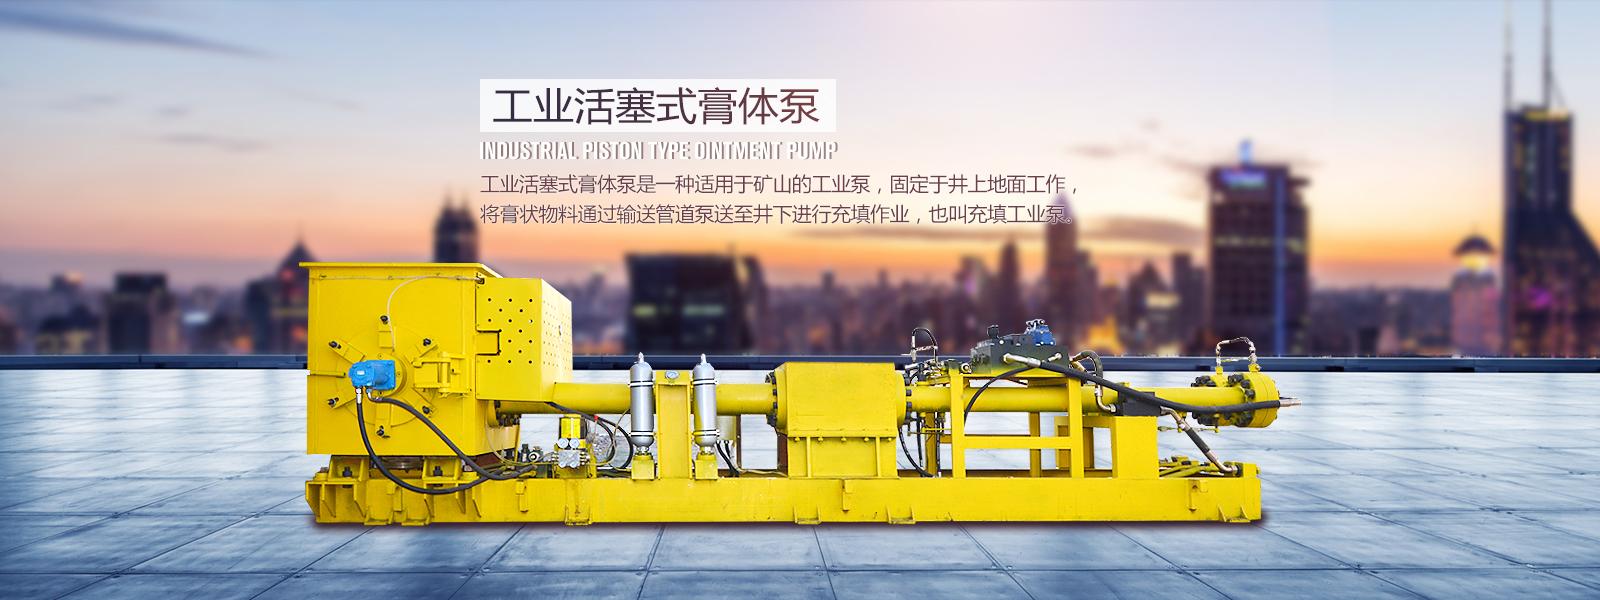 三片式矿浆泵